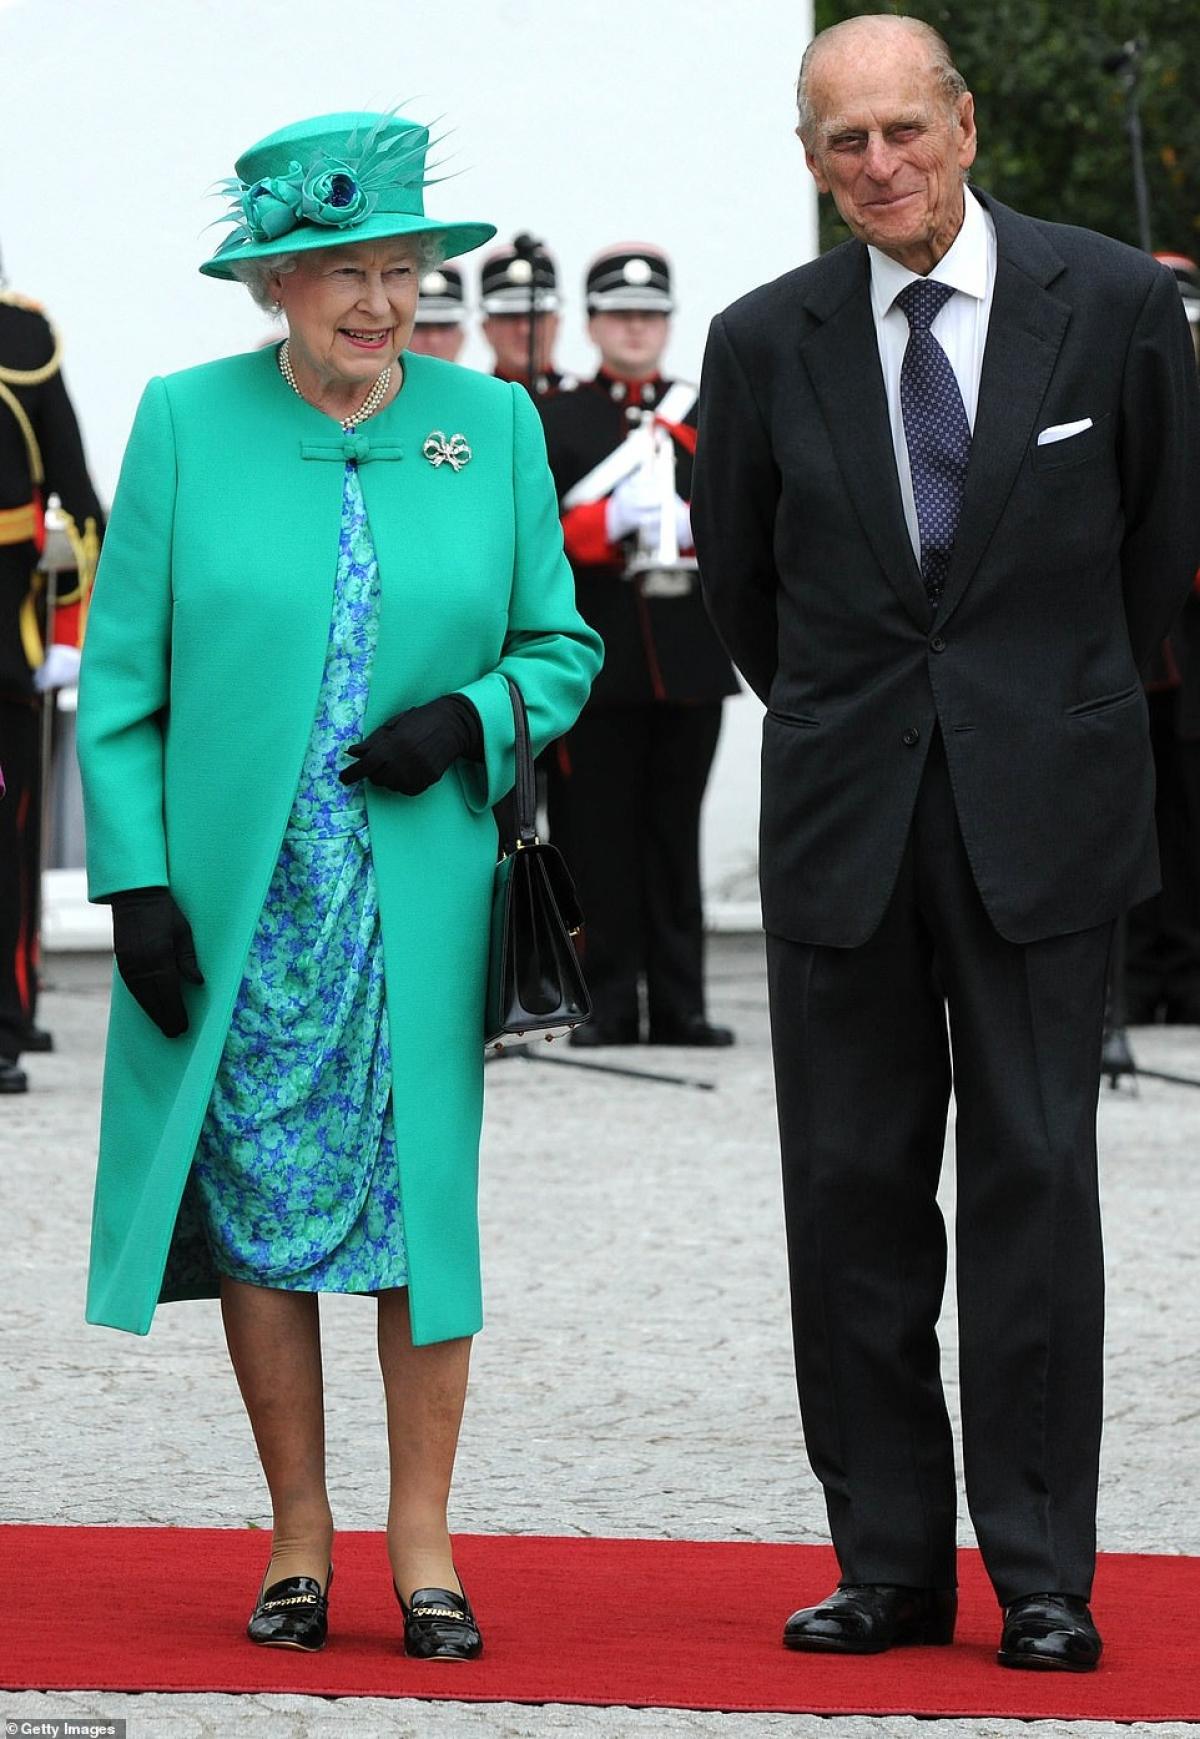 Nữ hoàng (chính xác là Nữ vương) Elizabeth và Công tước xứ Edinburg khi đến sân bay Baldonnel năm 2011 trong chuyến thăm Ireland.